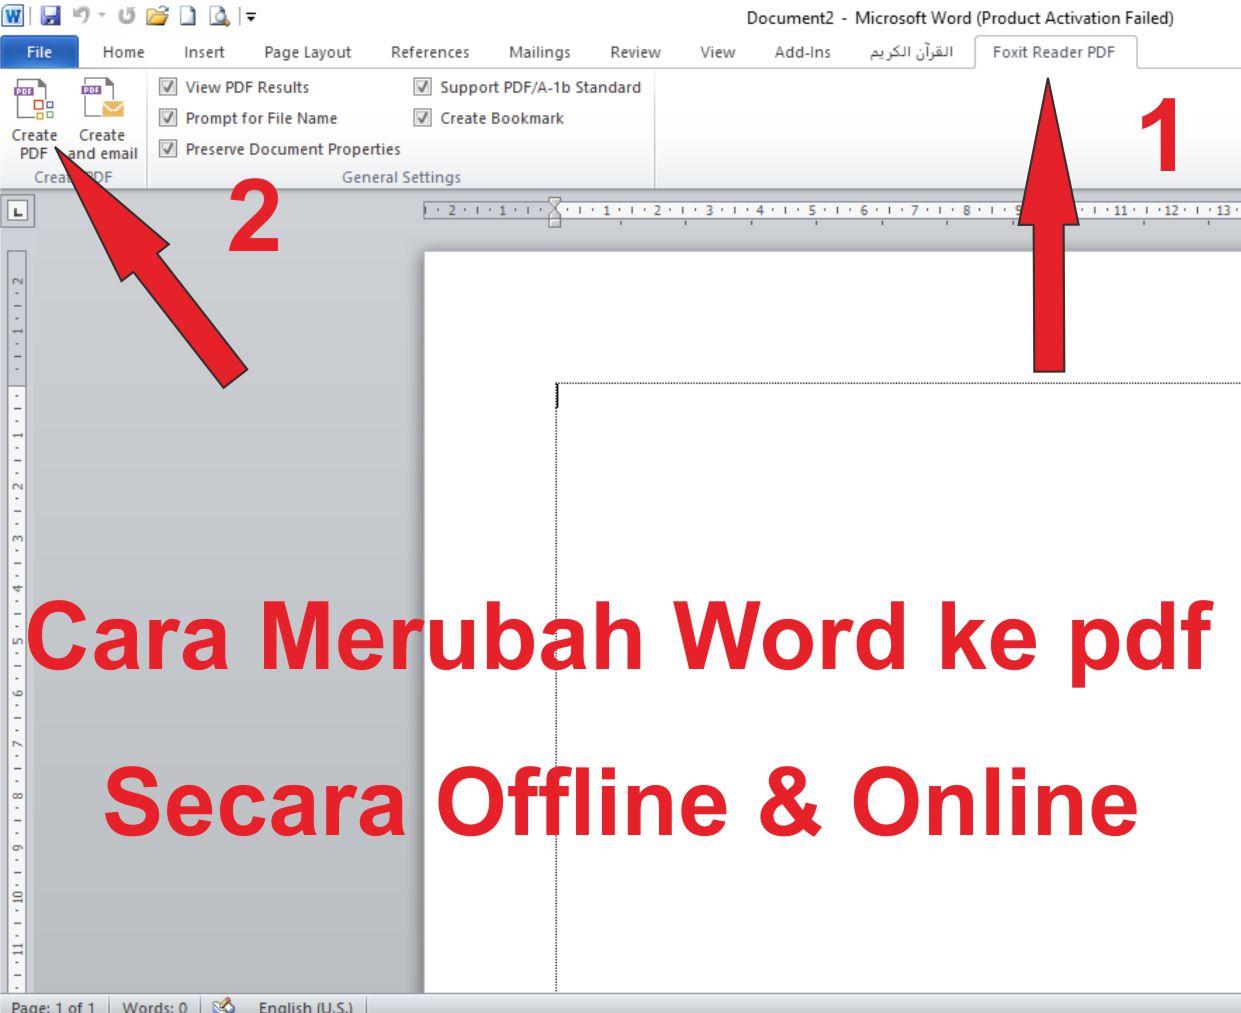 Cara Merubah Word ke pdf Secara Offline dan Online terbaru